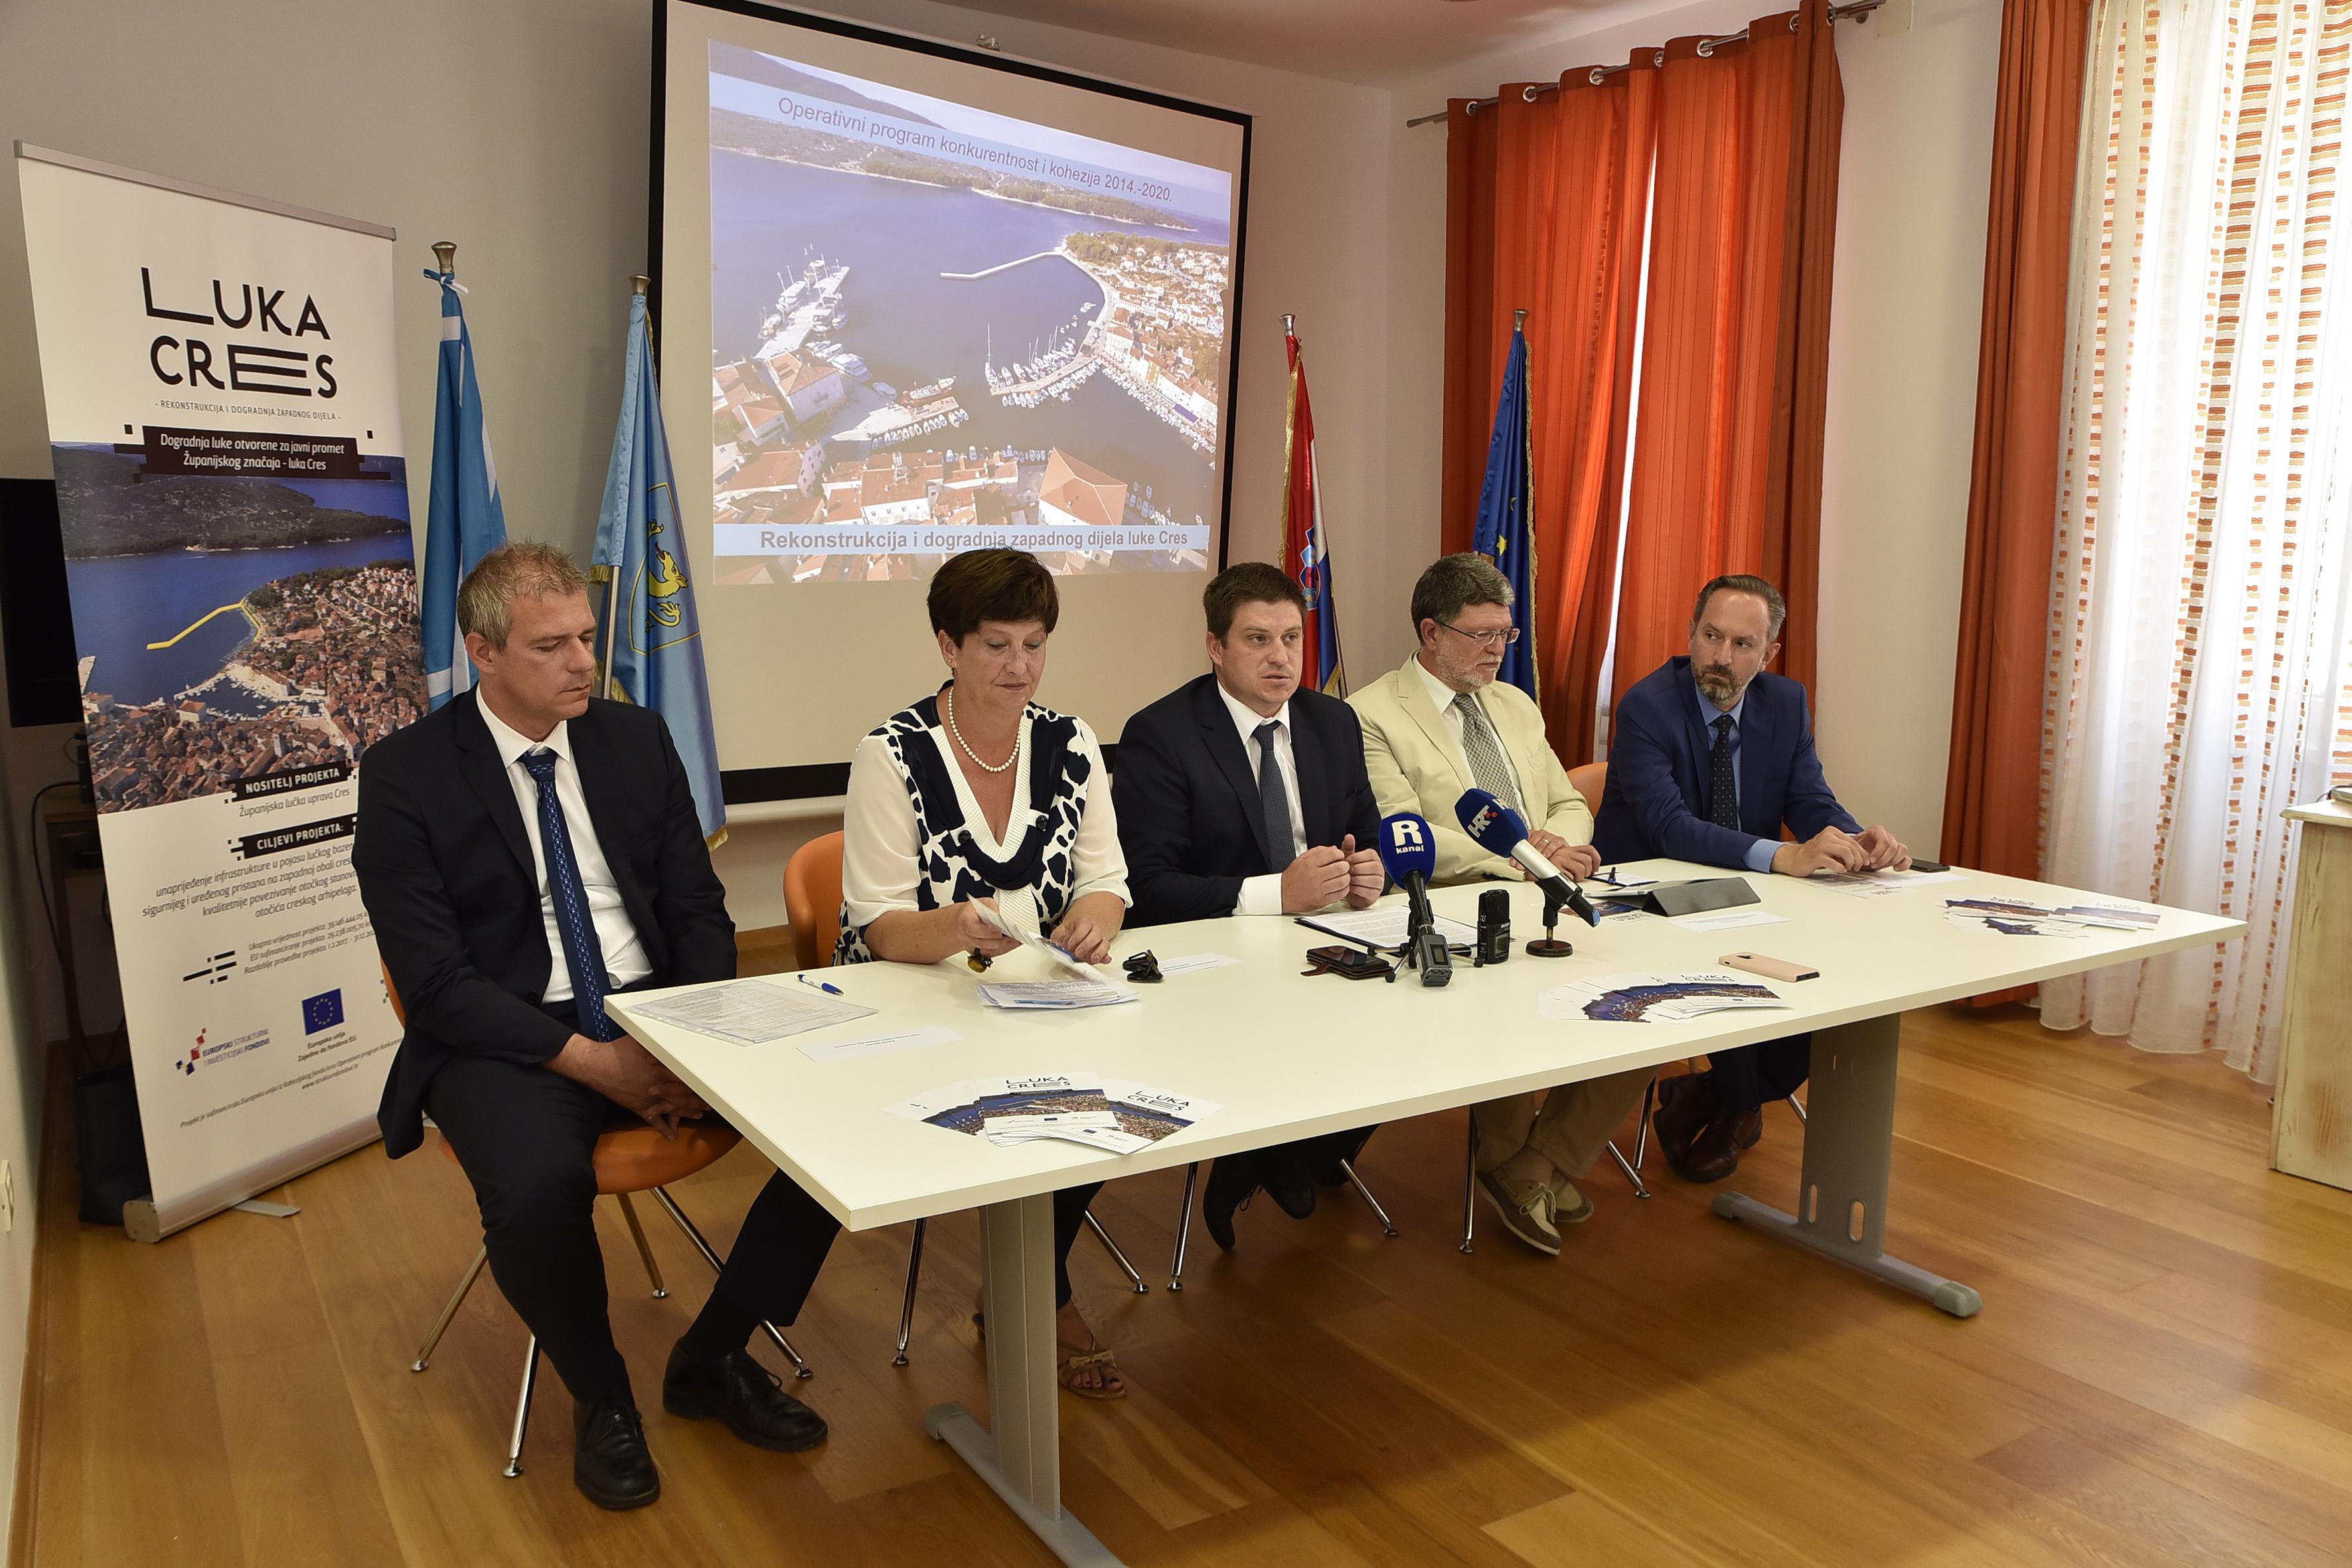 : Anton Opatić, Marina Medarić, Oleg Butković, Tonino Picula i Kristijan Jurjako / Foto Walter SALKOVIĆ